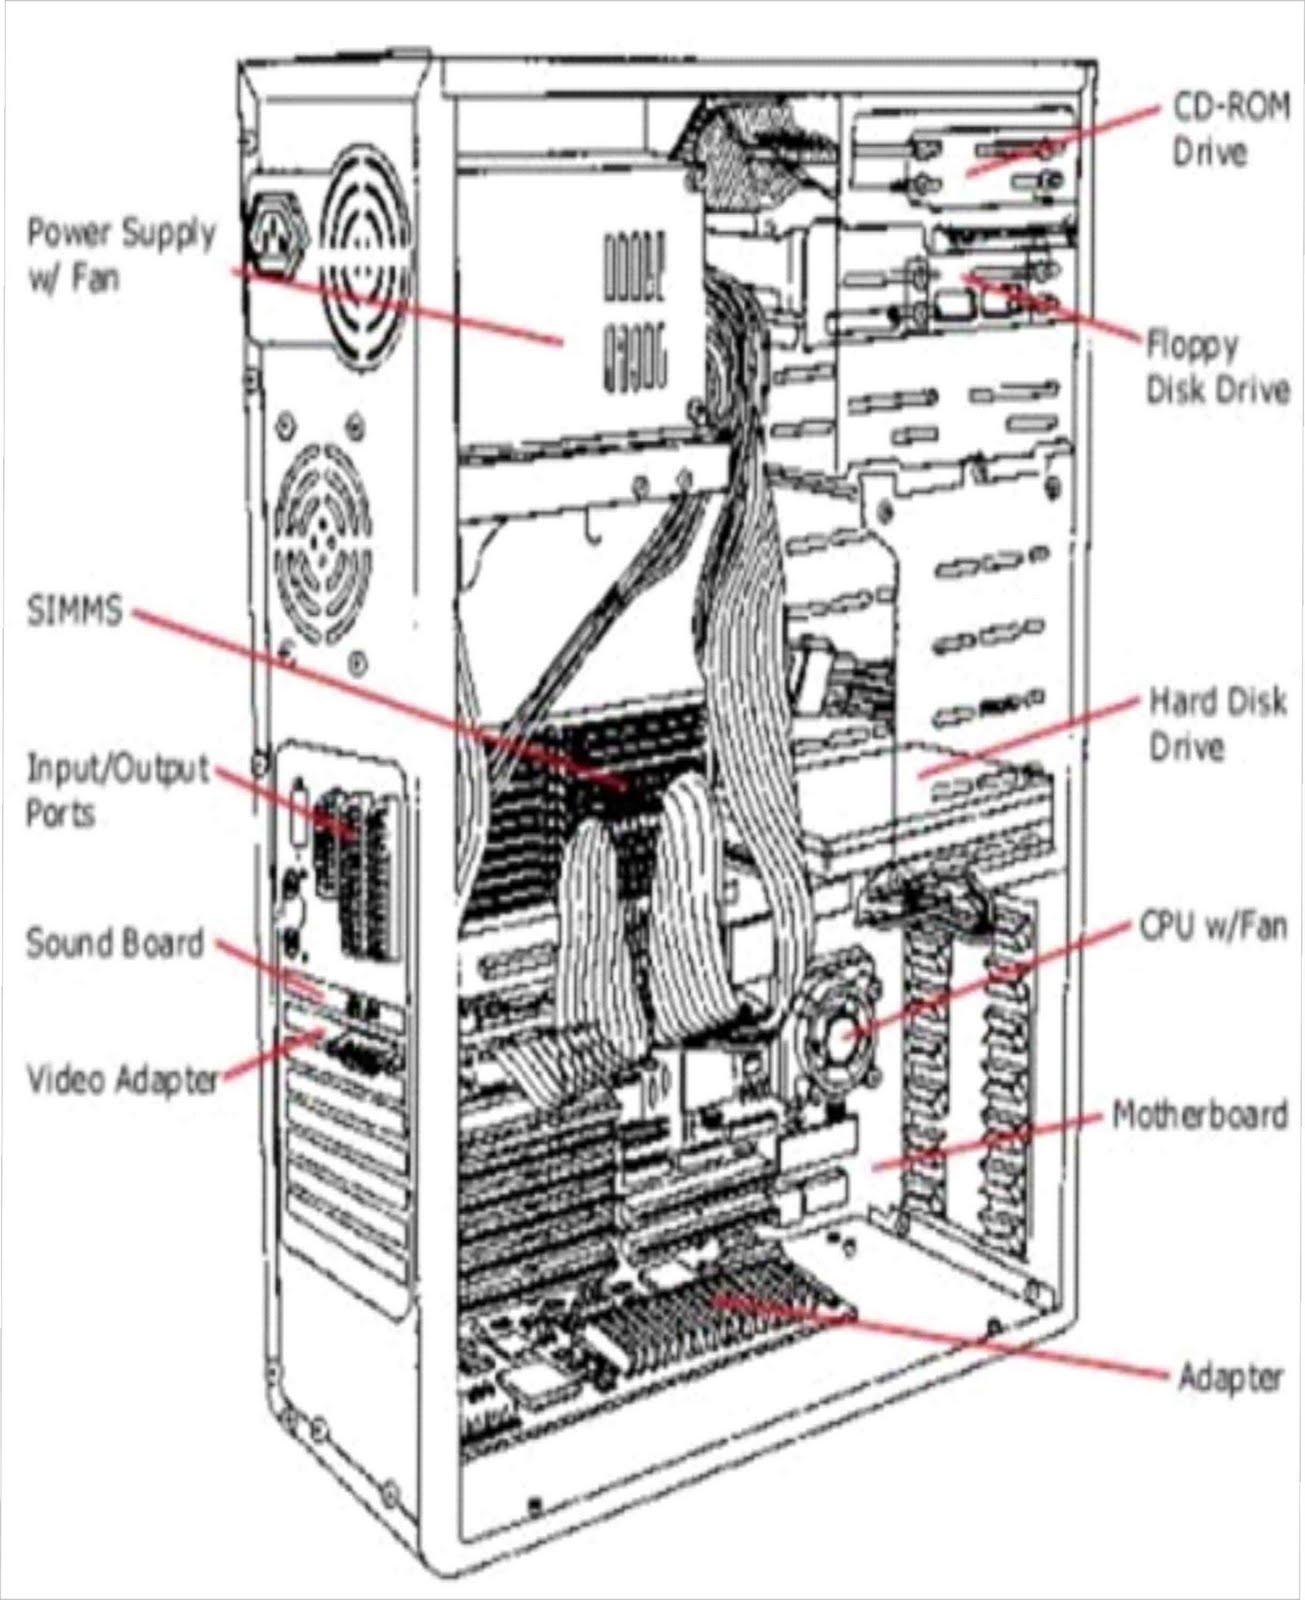 Cara Memperbaiki Komputer Mengatasi Kerusakan Hardware Pada Komputer